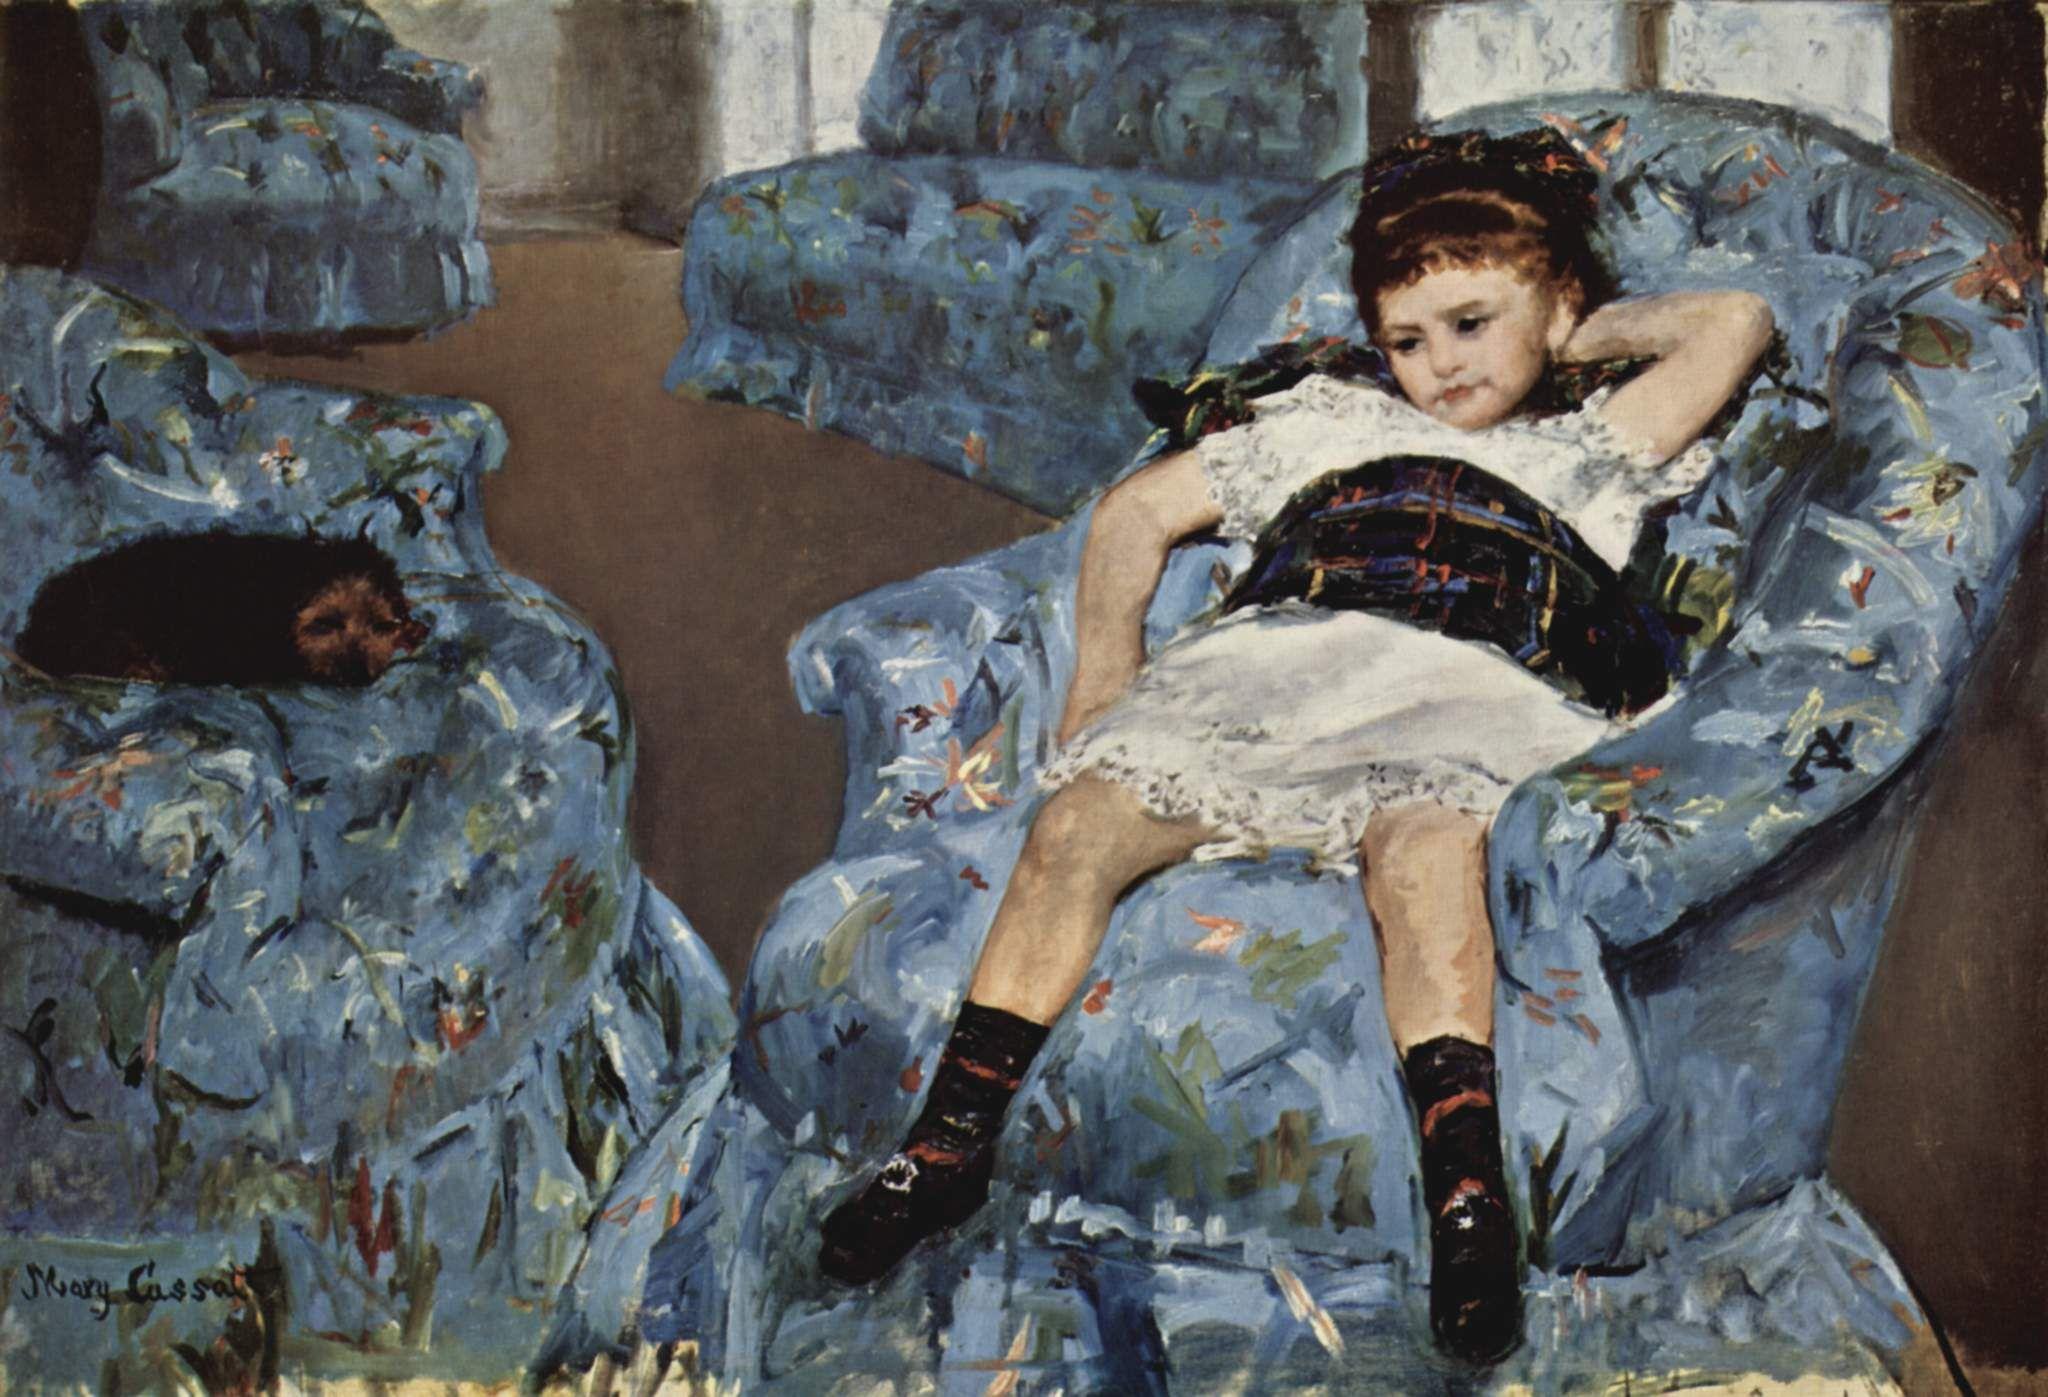 Risultati immagini per Petite fille dans un fauteuil bleu